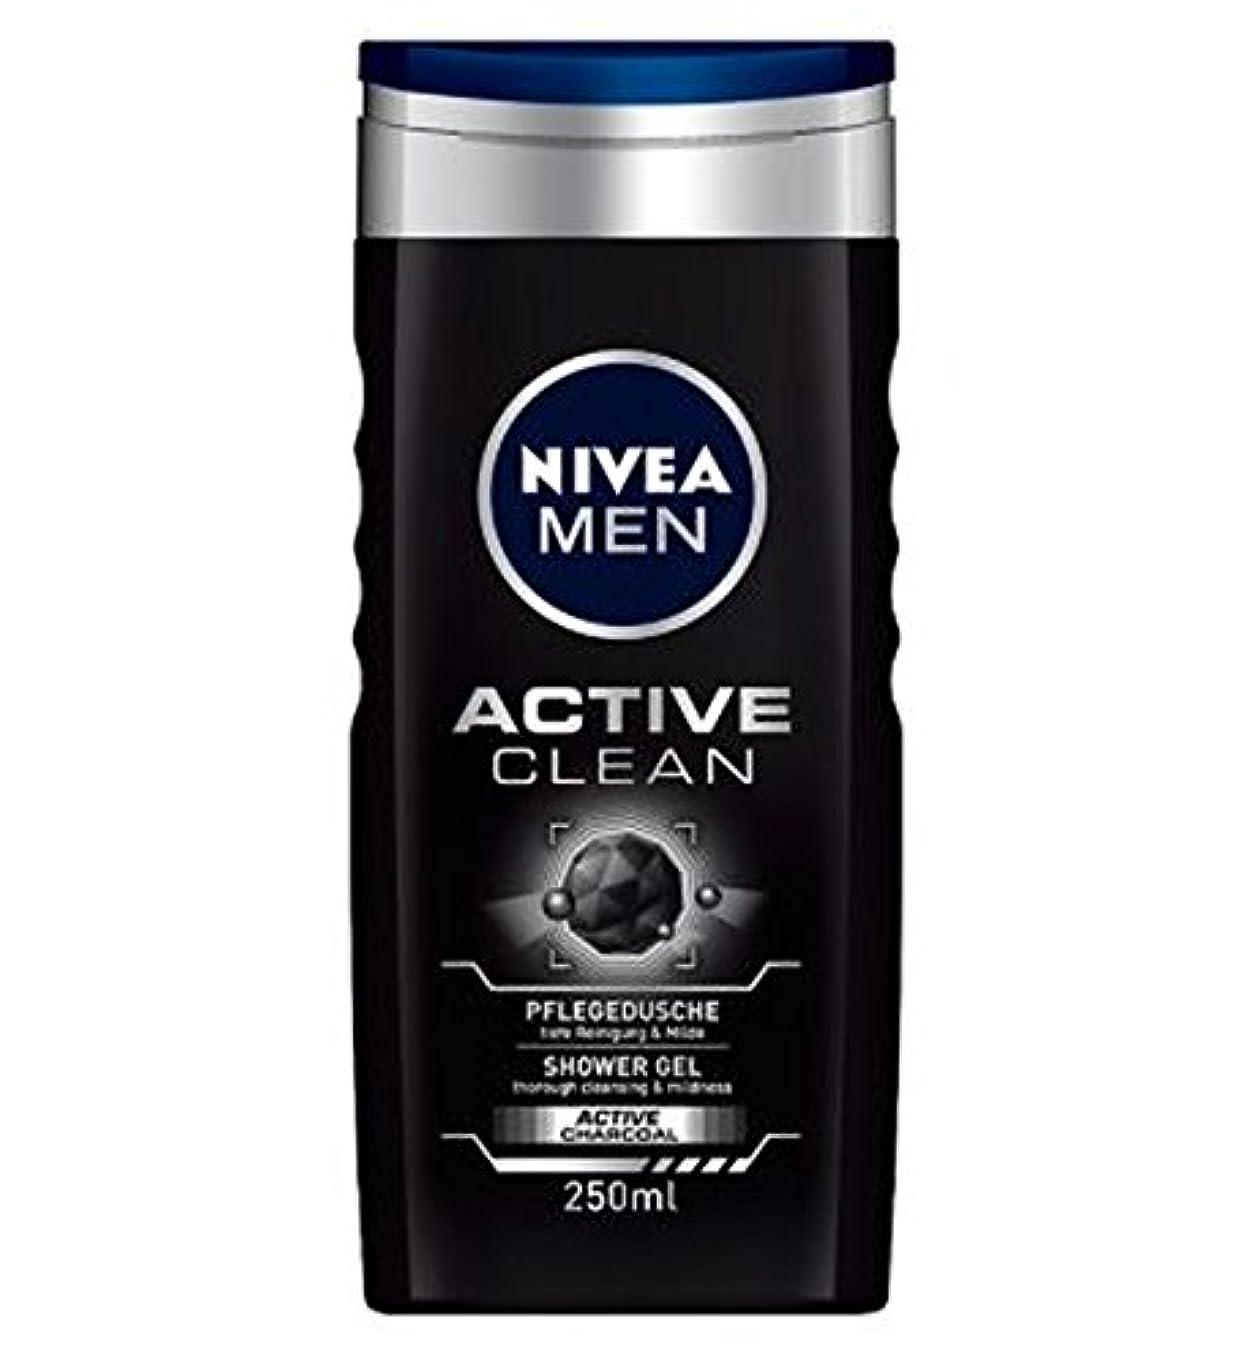 オリエント機転火山学NIVEA MEN Active Clean Shower Gel 250ml - ニベアの男性アクティブクリーンシャワージェル250ミリリットル (Nivea) [並行輸入品]